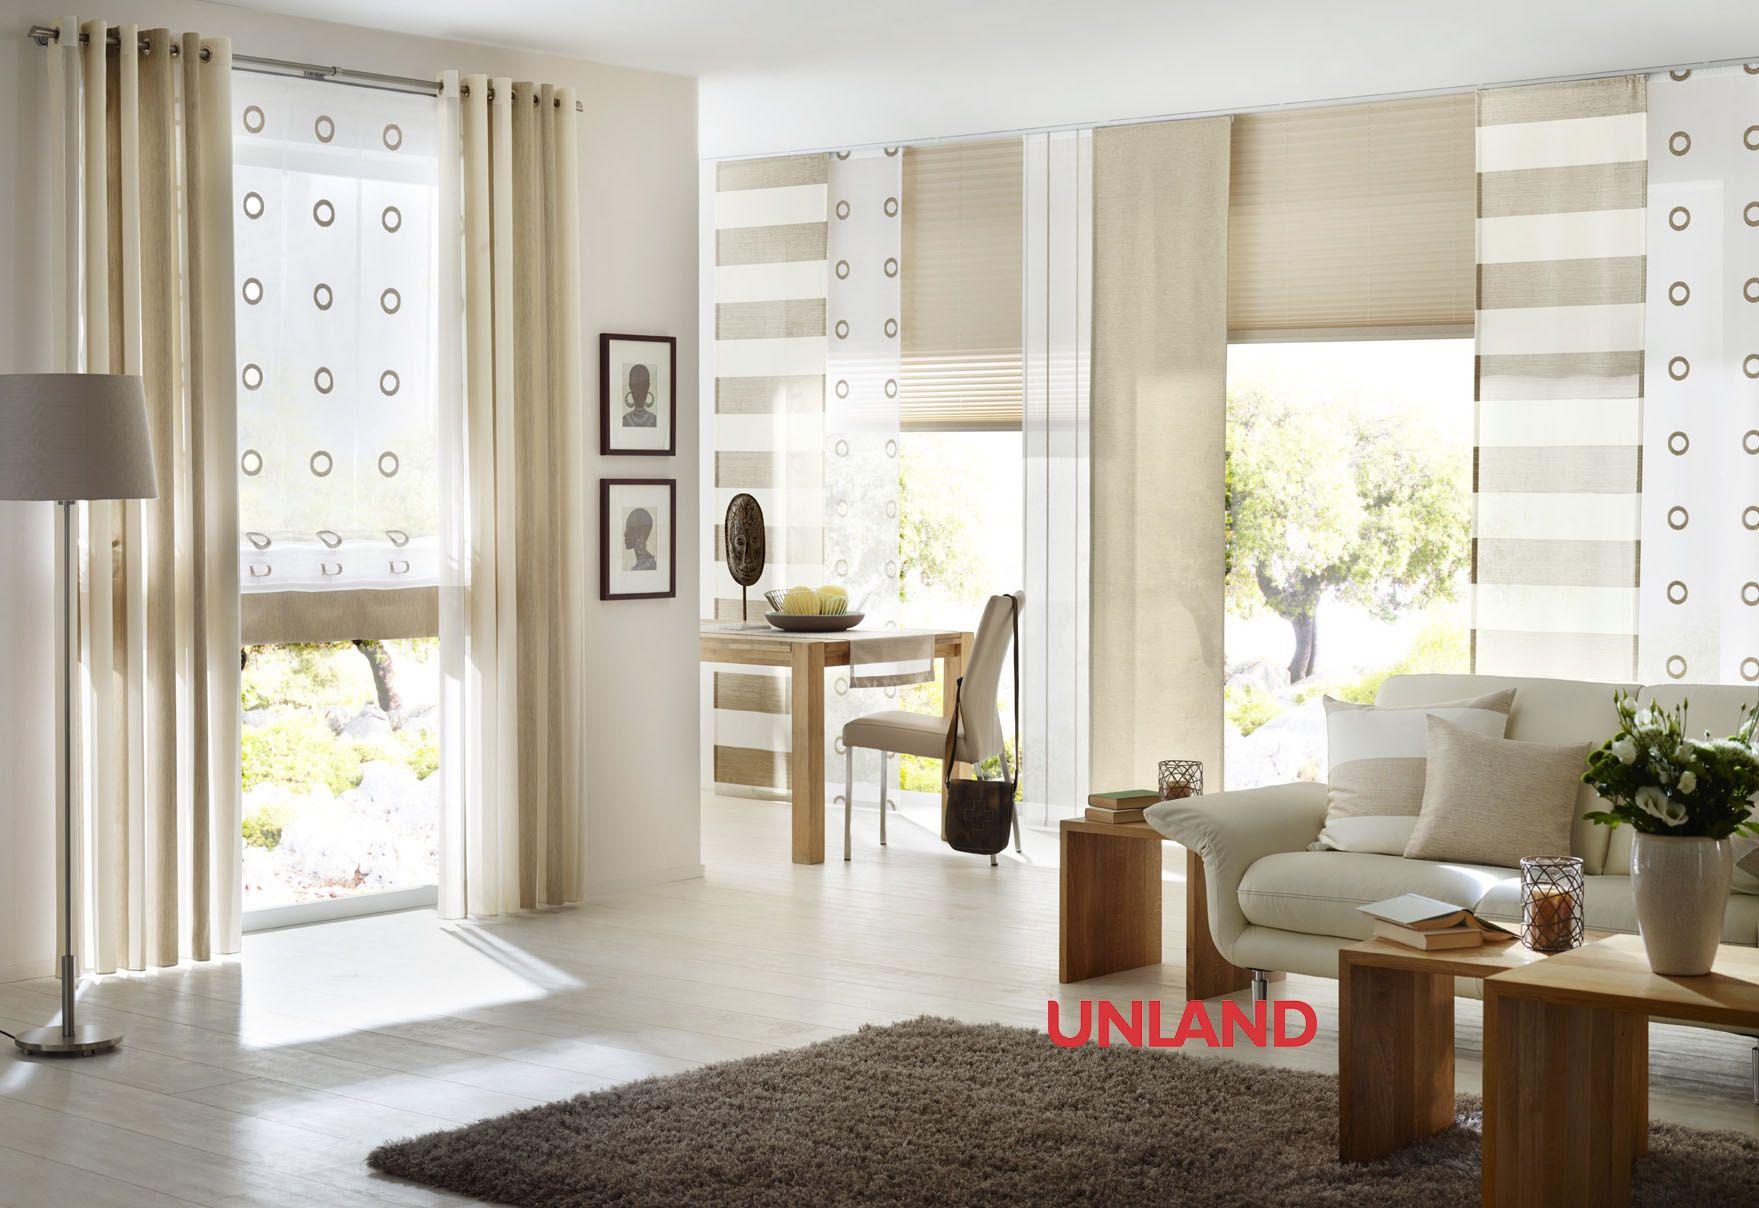 Wohnideen Gardinen Wohnzimmer unland purenature fensterideen vorhang gardinen und sonnenschutz